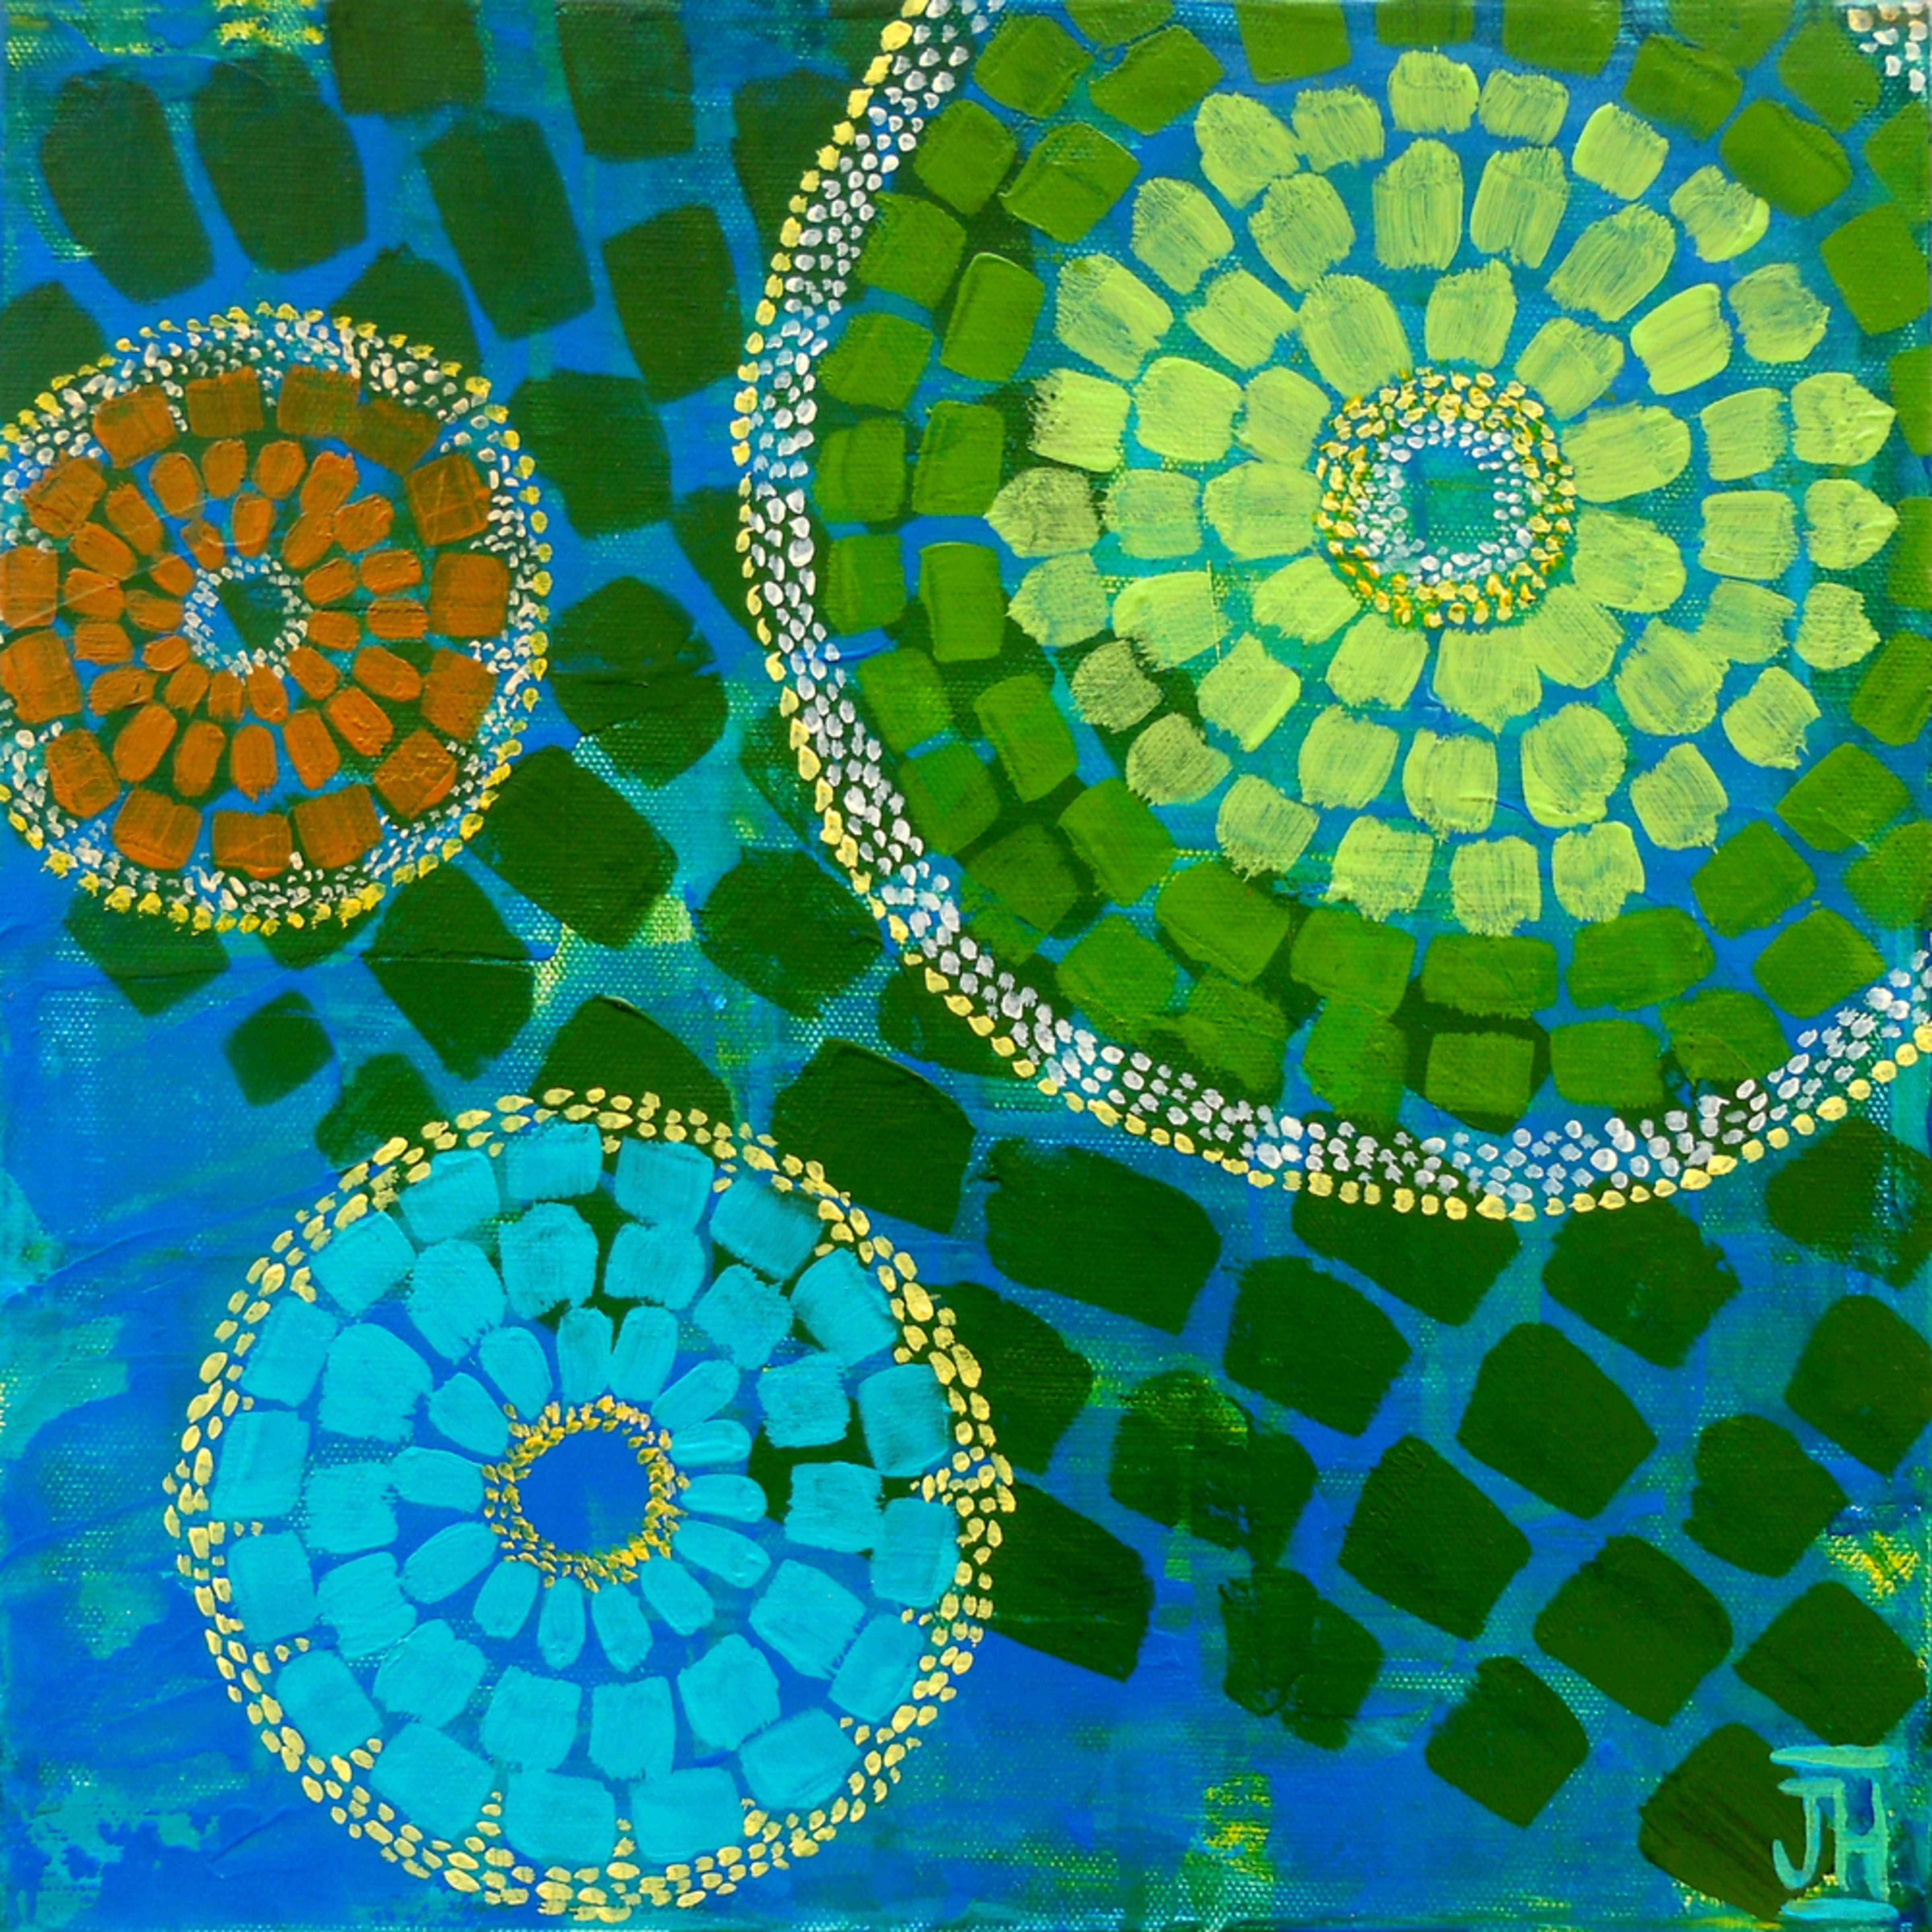 Kaleidoscope2 jhahn sqwqss